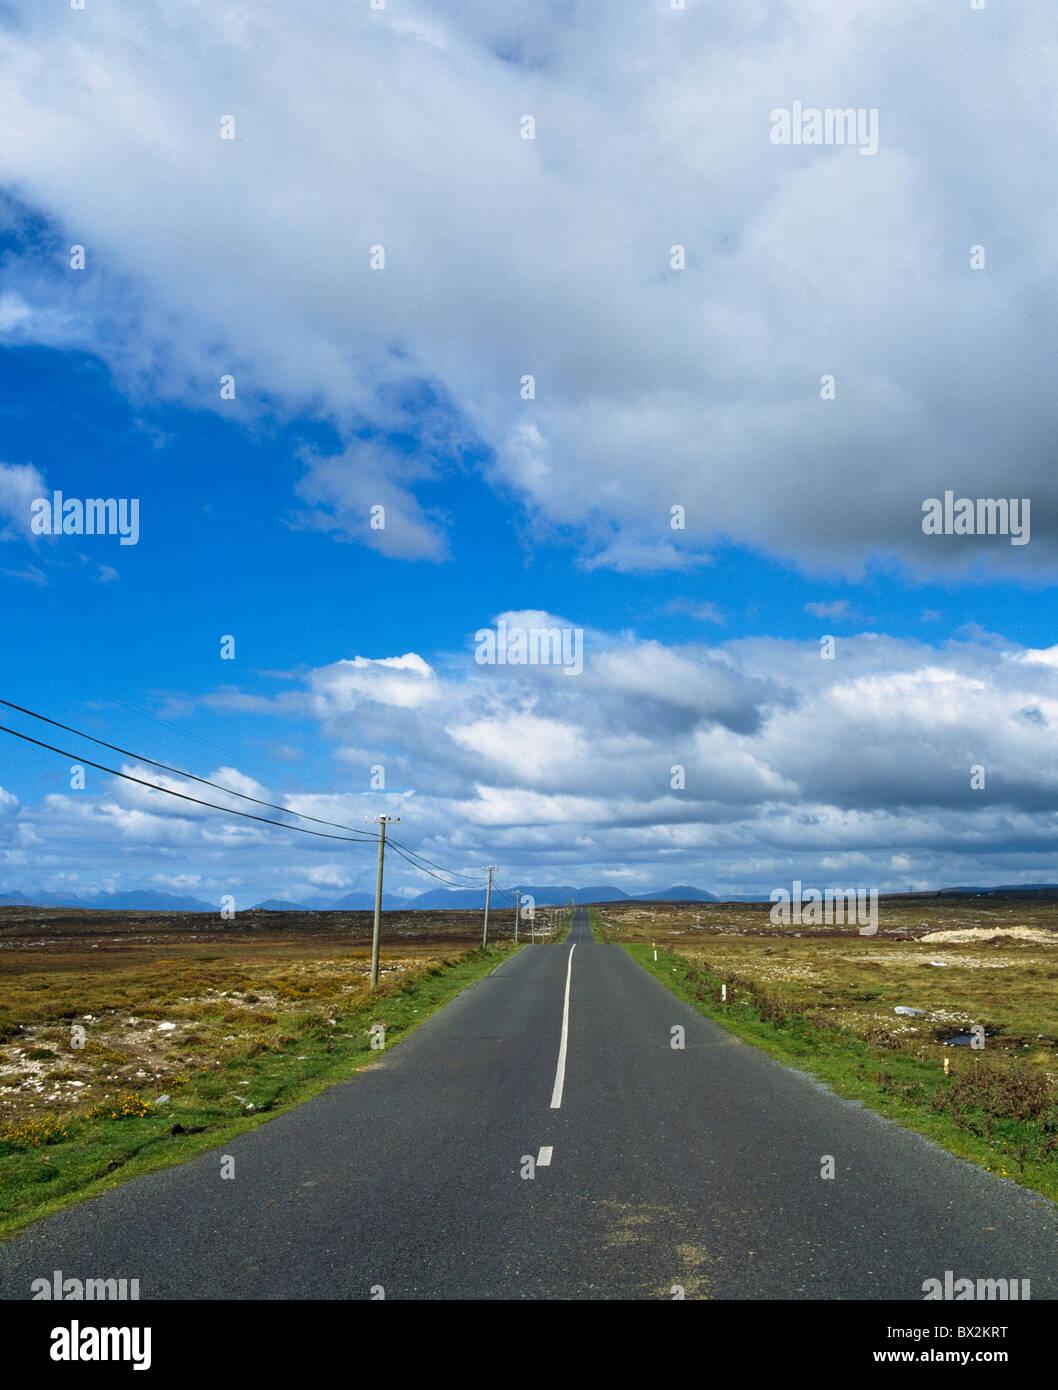 Straßenlauf durch einen bloßen Landschaft Stockbild